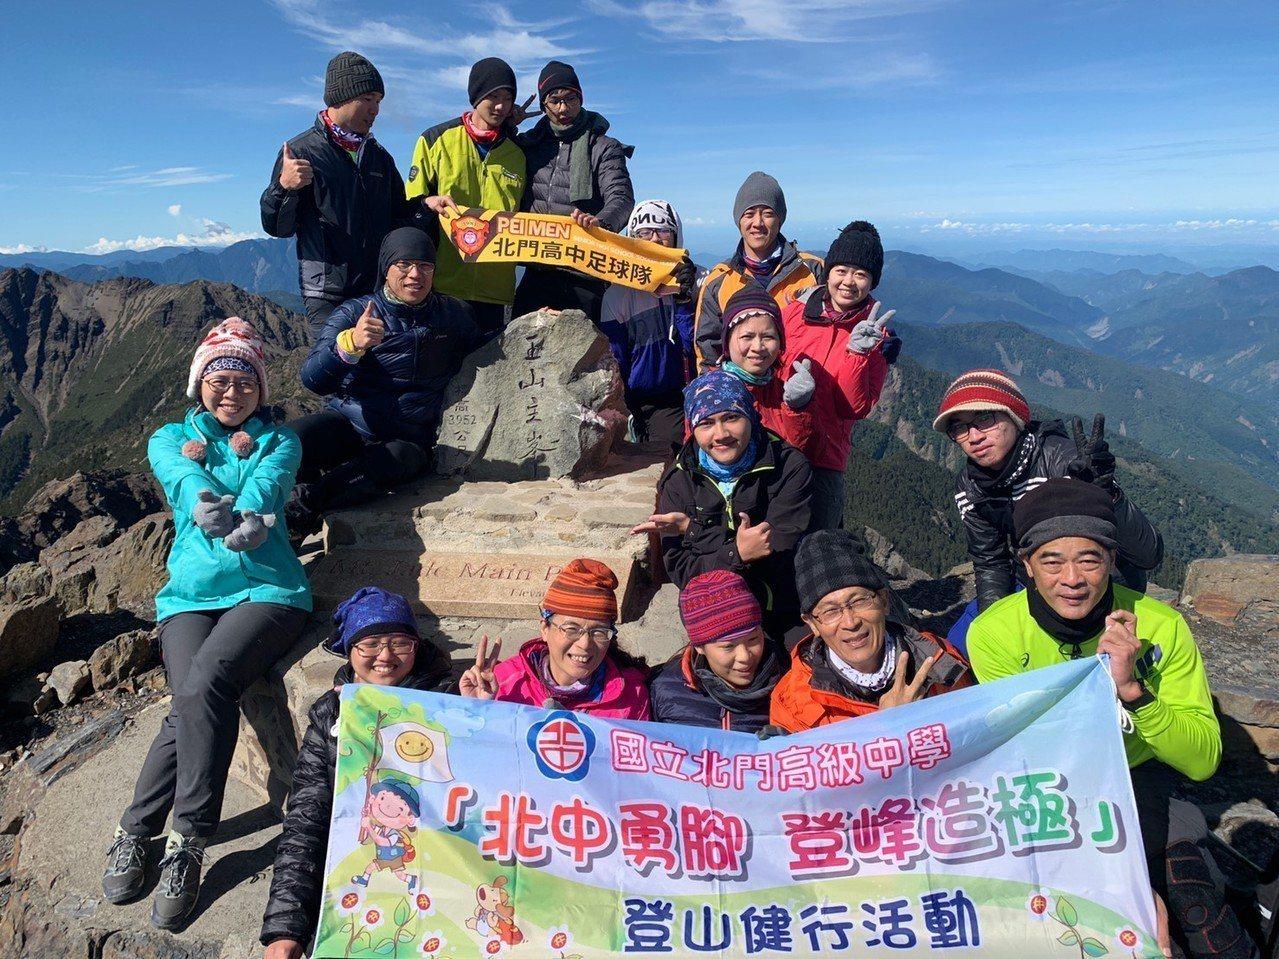 挑戰自我,北門高中師生成功攻頂玉山主峰。圖/北門高中提供